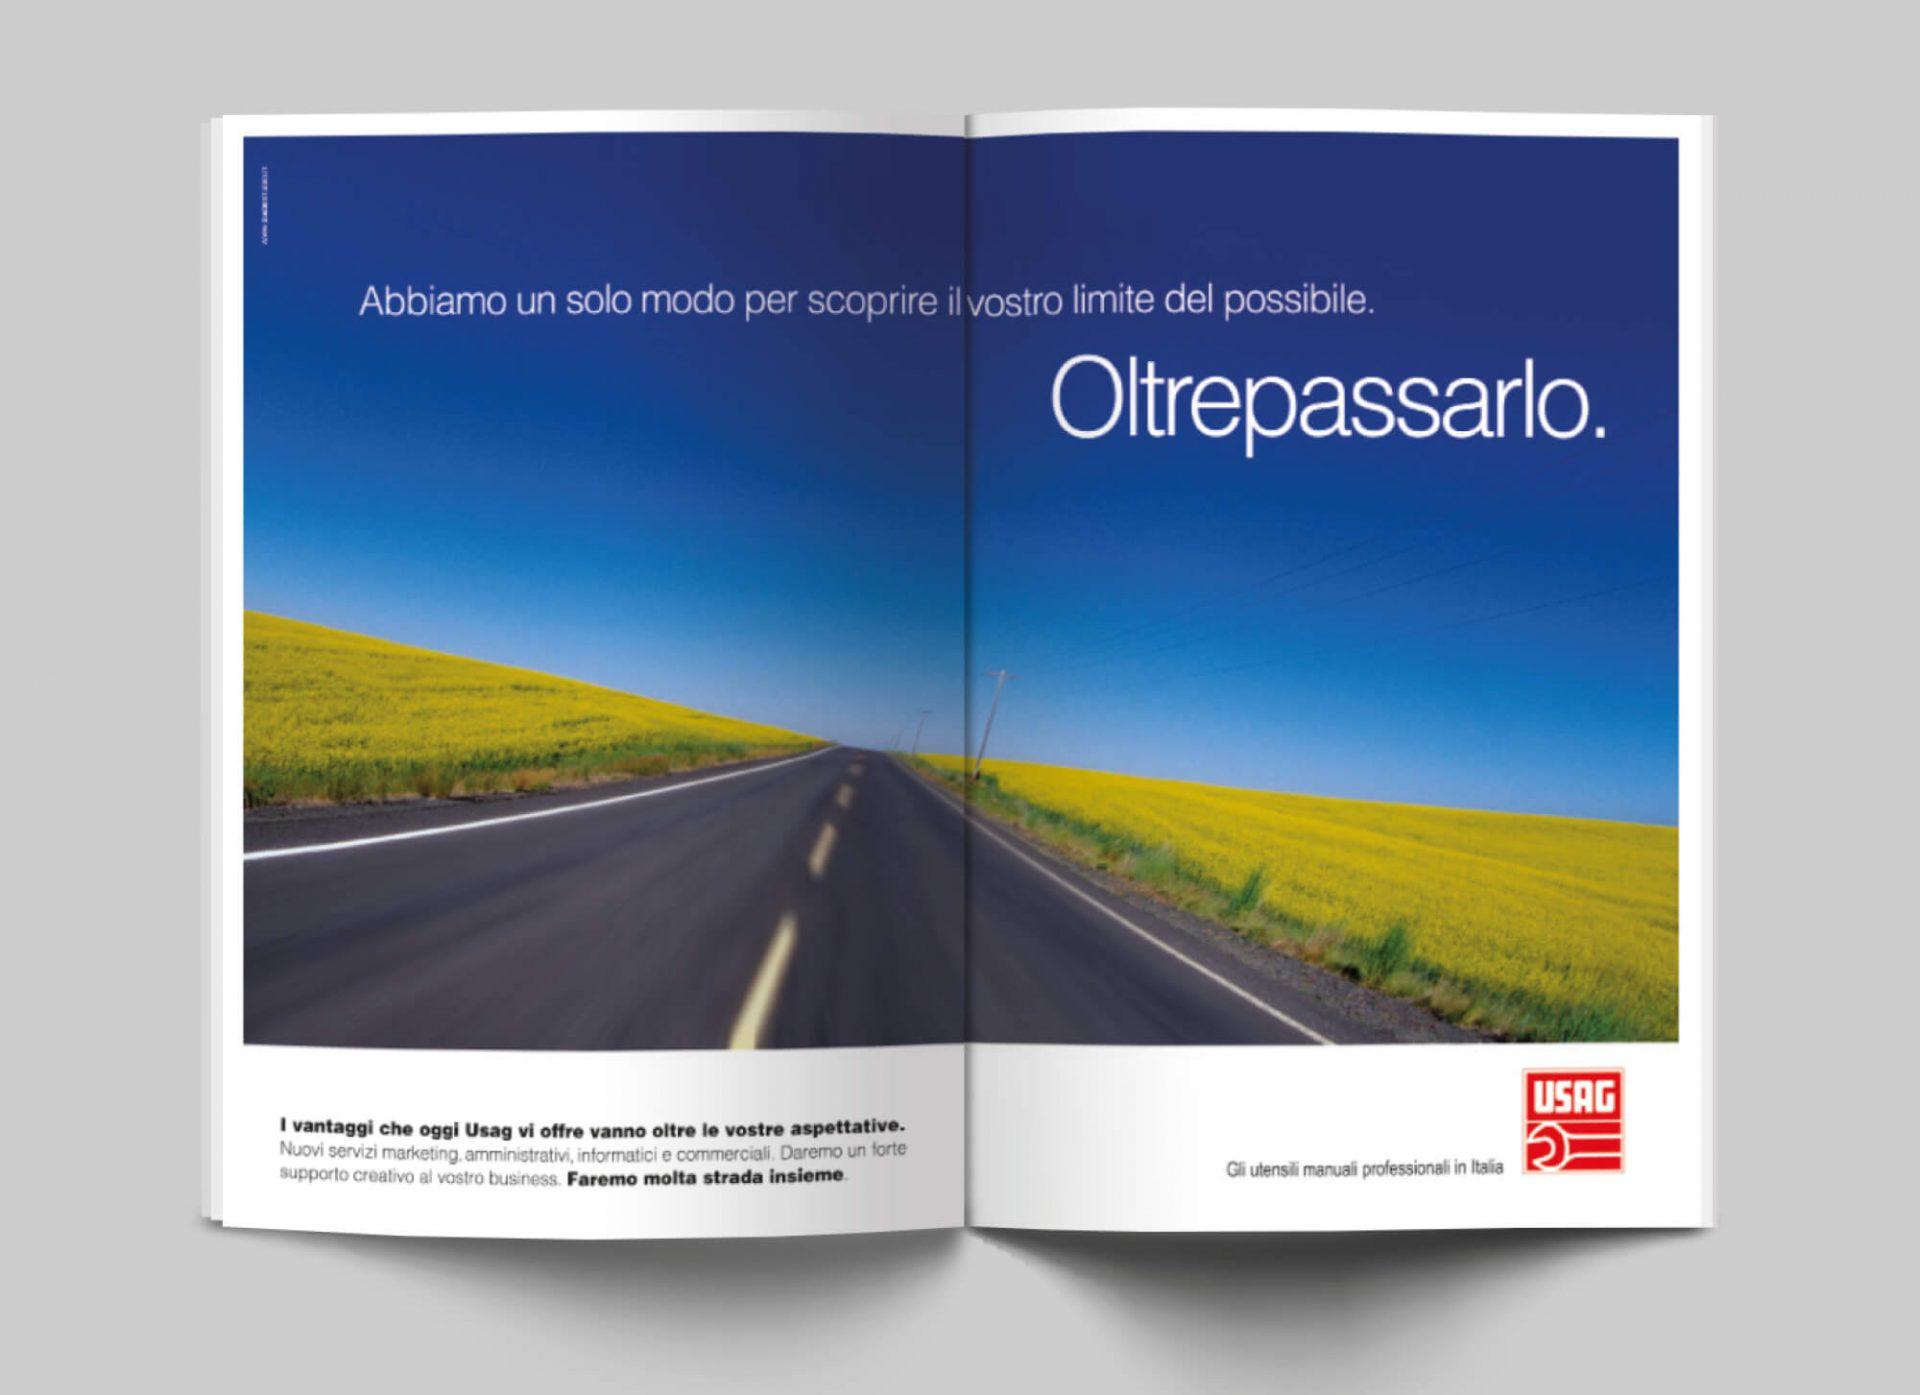 doppia pagina per inserzione pubblicitaria usag italia, progettata dalla agenzia di comunicazione diadestudio arco trento